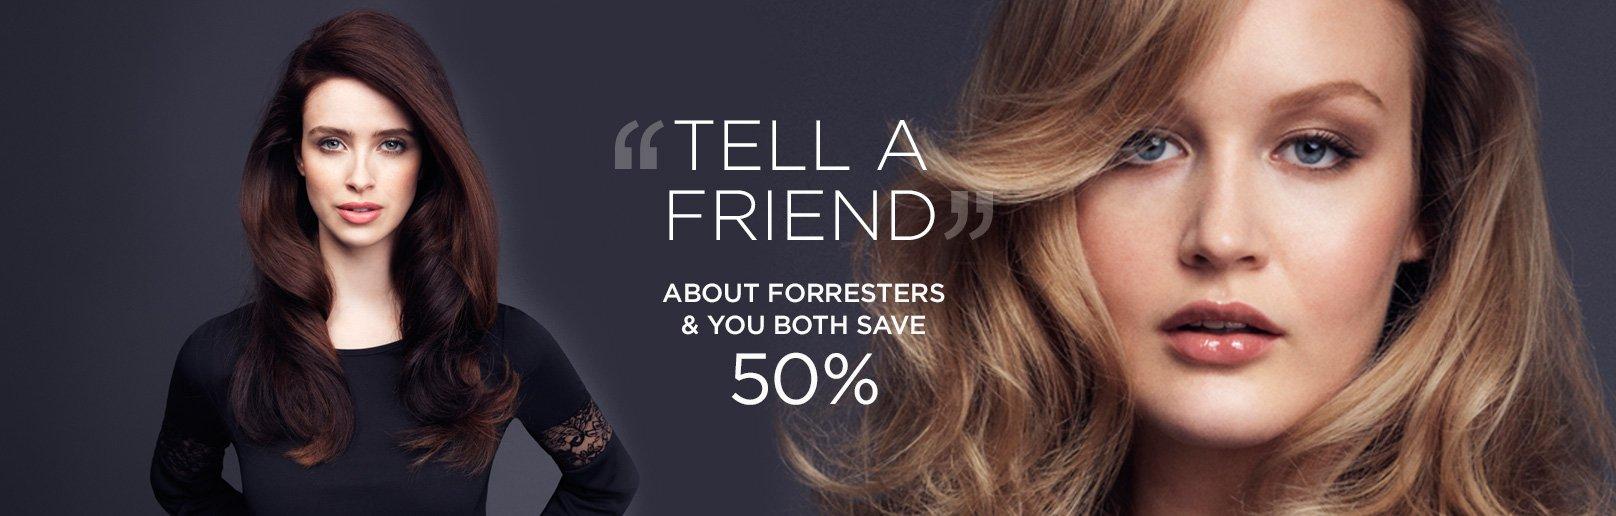 Forresters Thatcham hair salon Tell A friend scheme